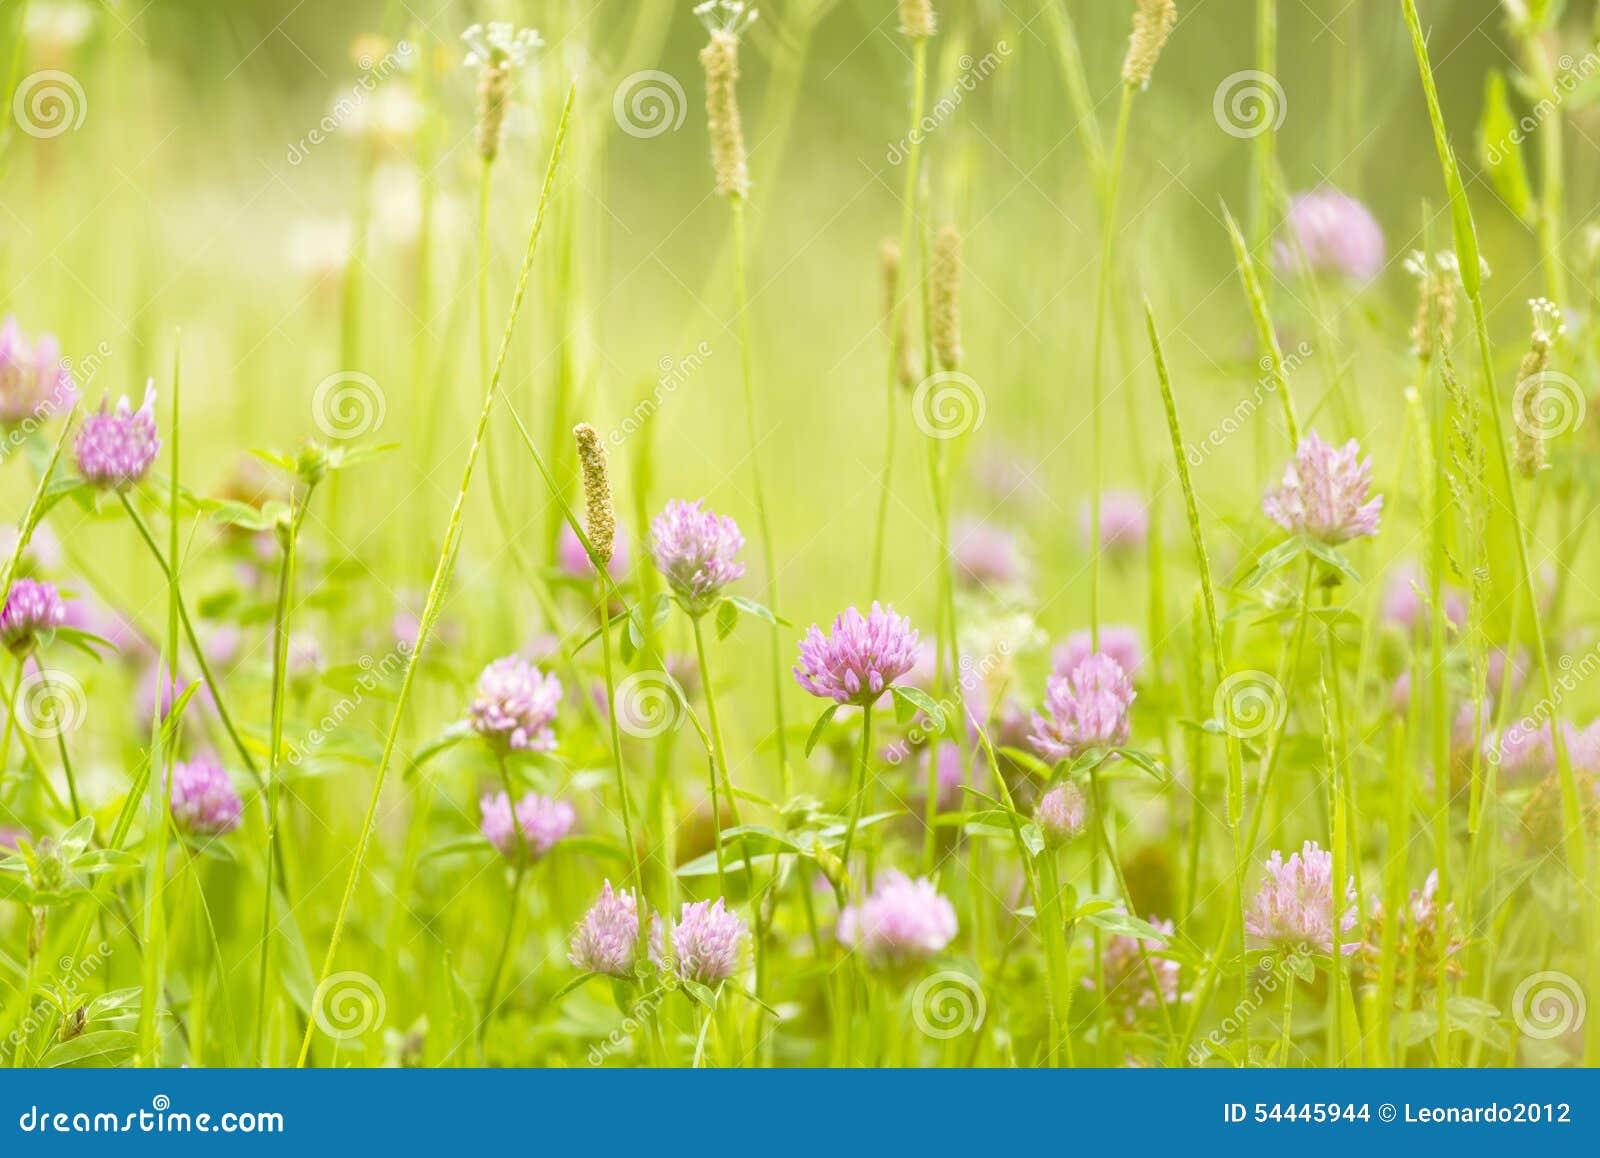 La natura astratta fiorisce la primavera e l estate del fondo